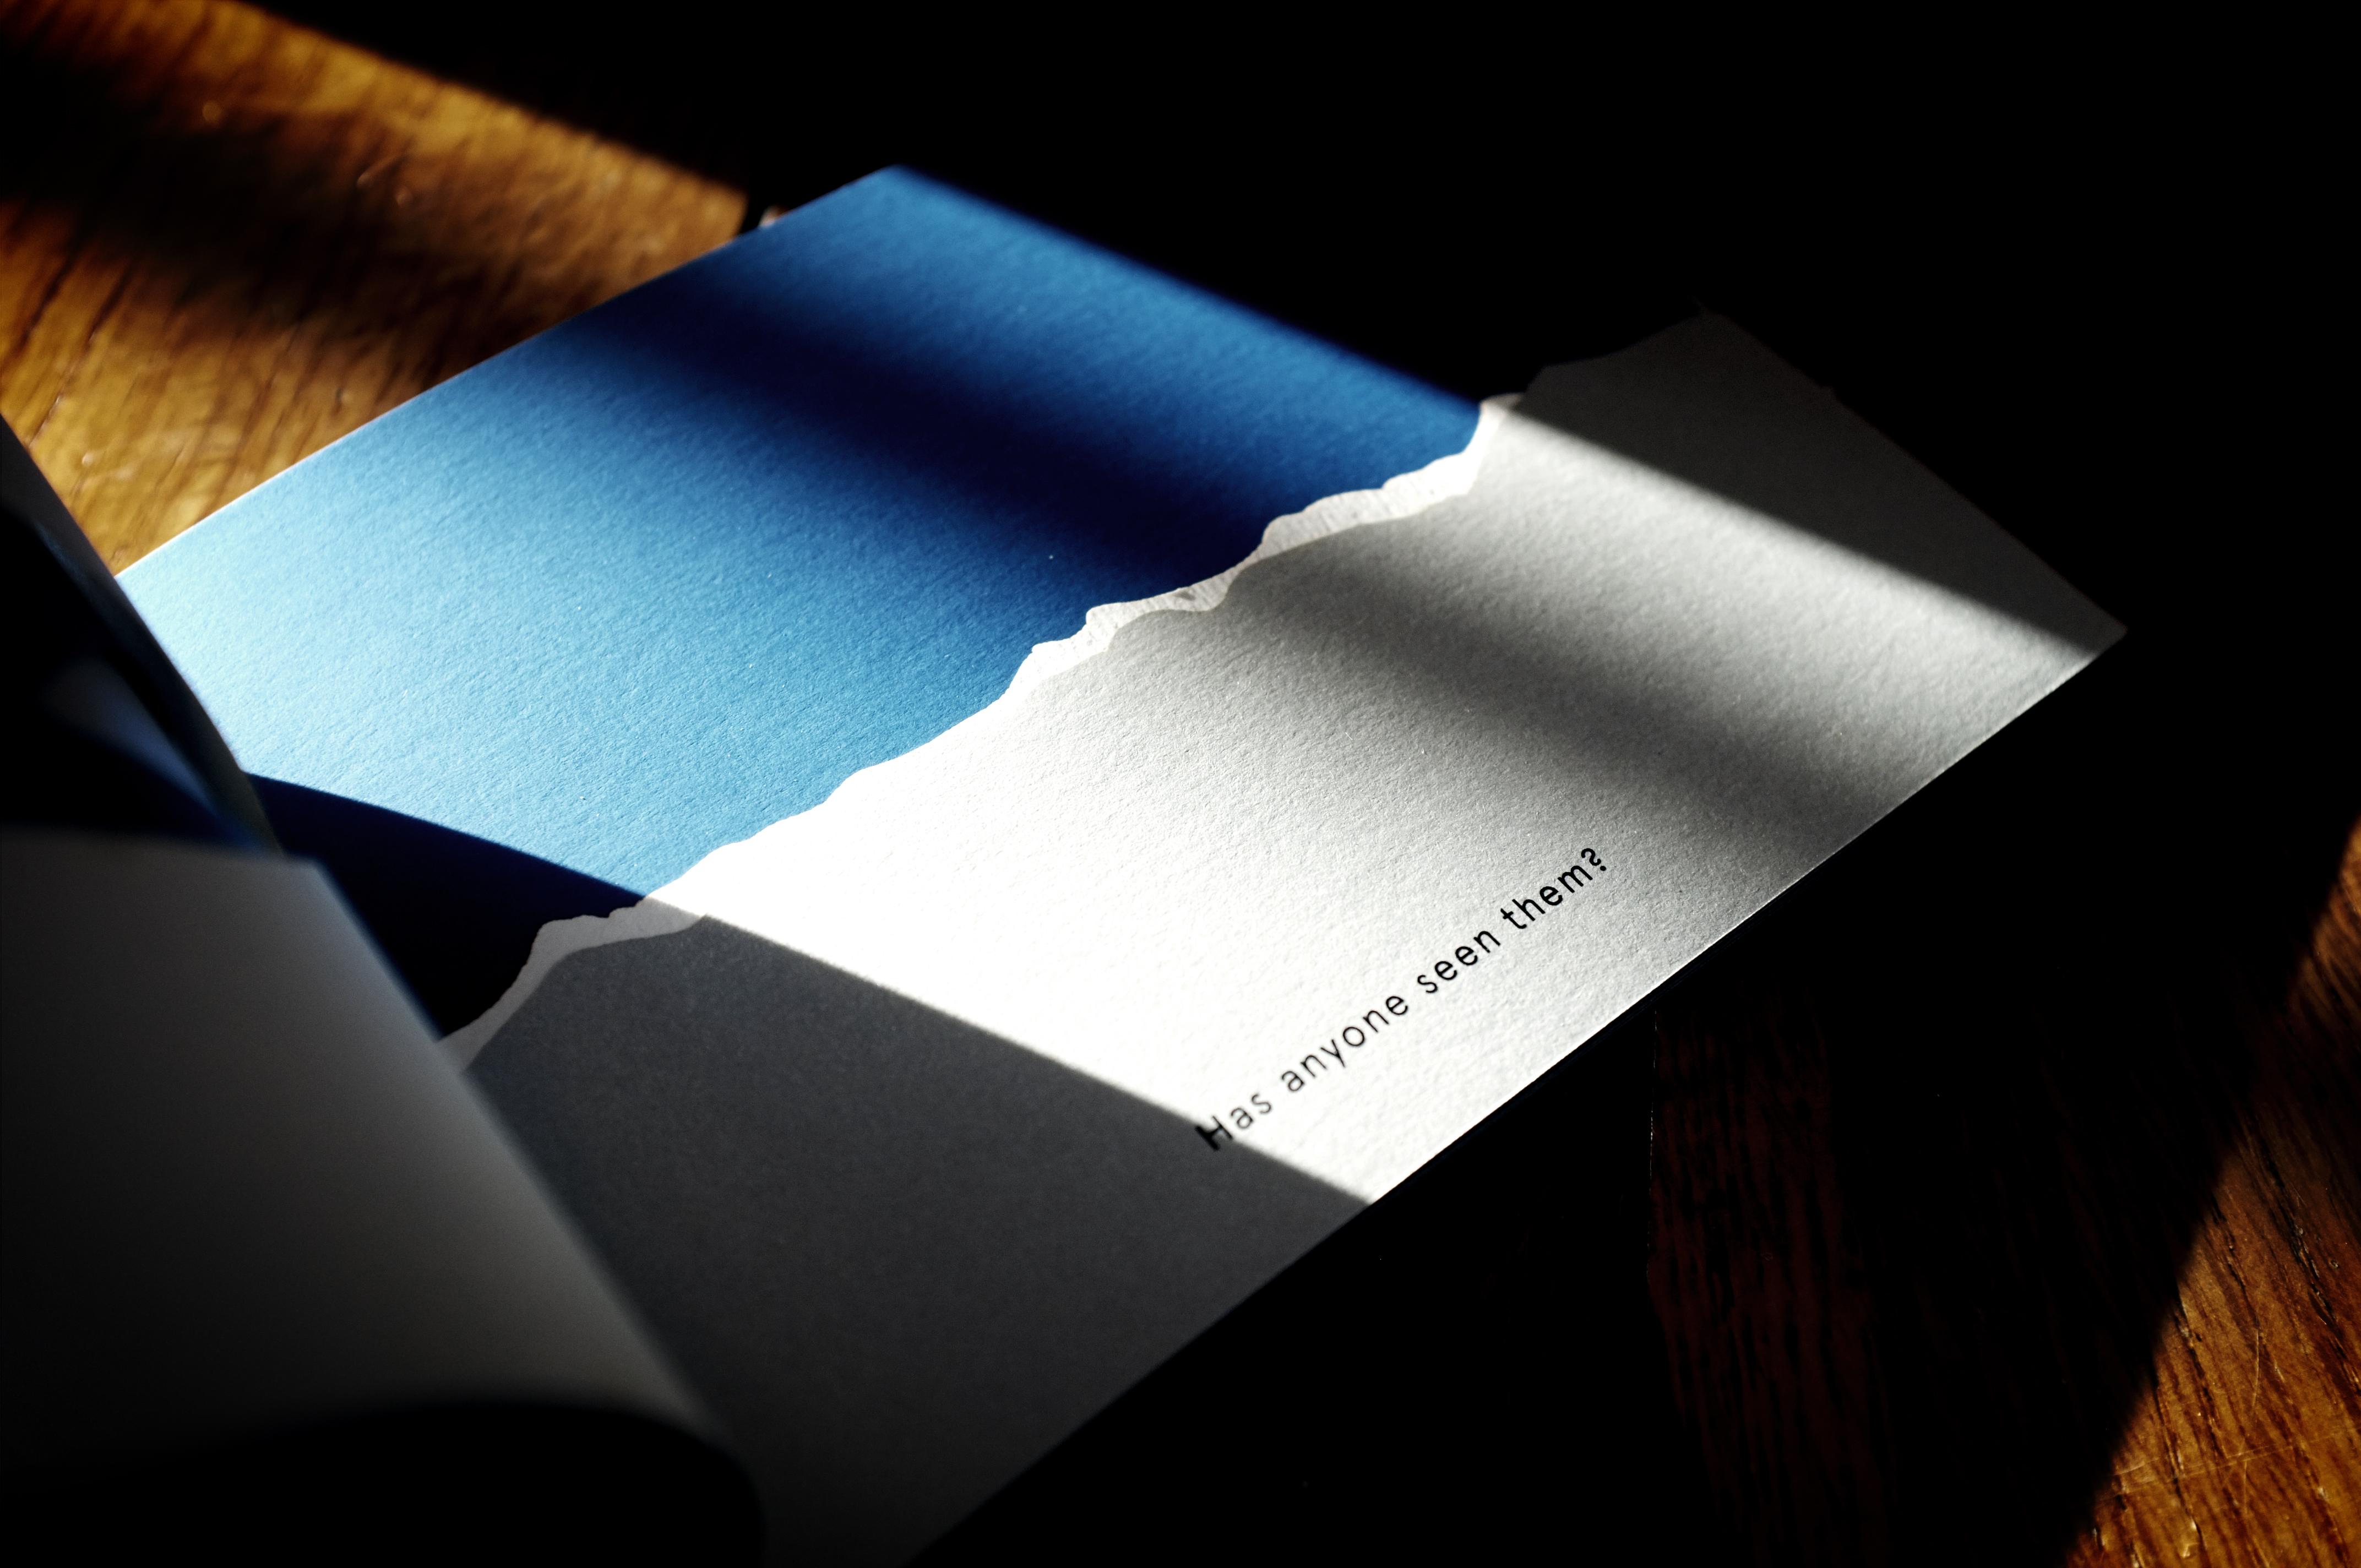 darknessbook-mrcup-07